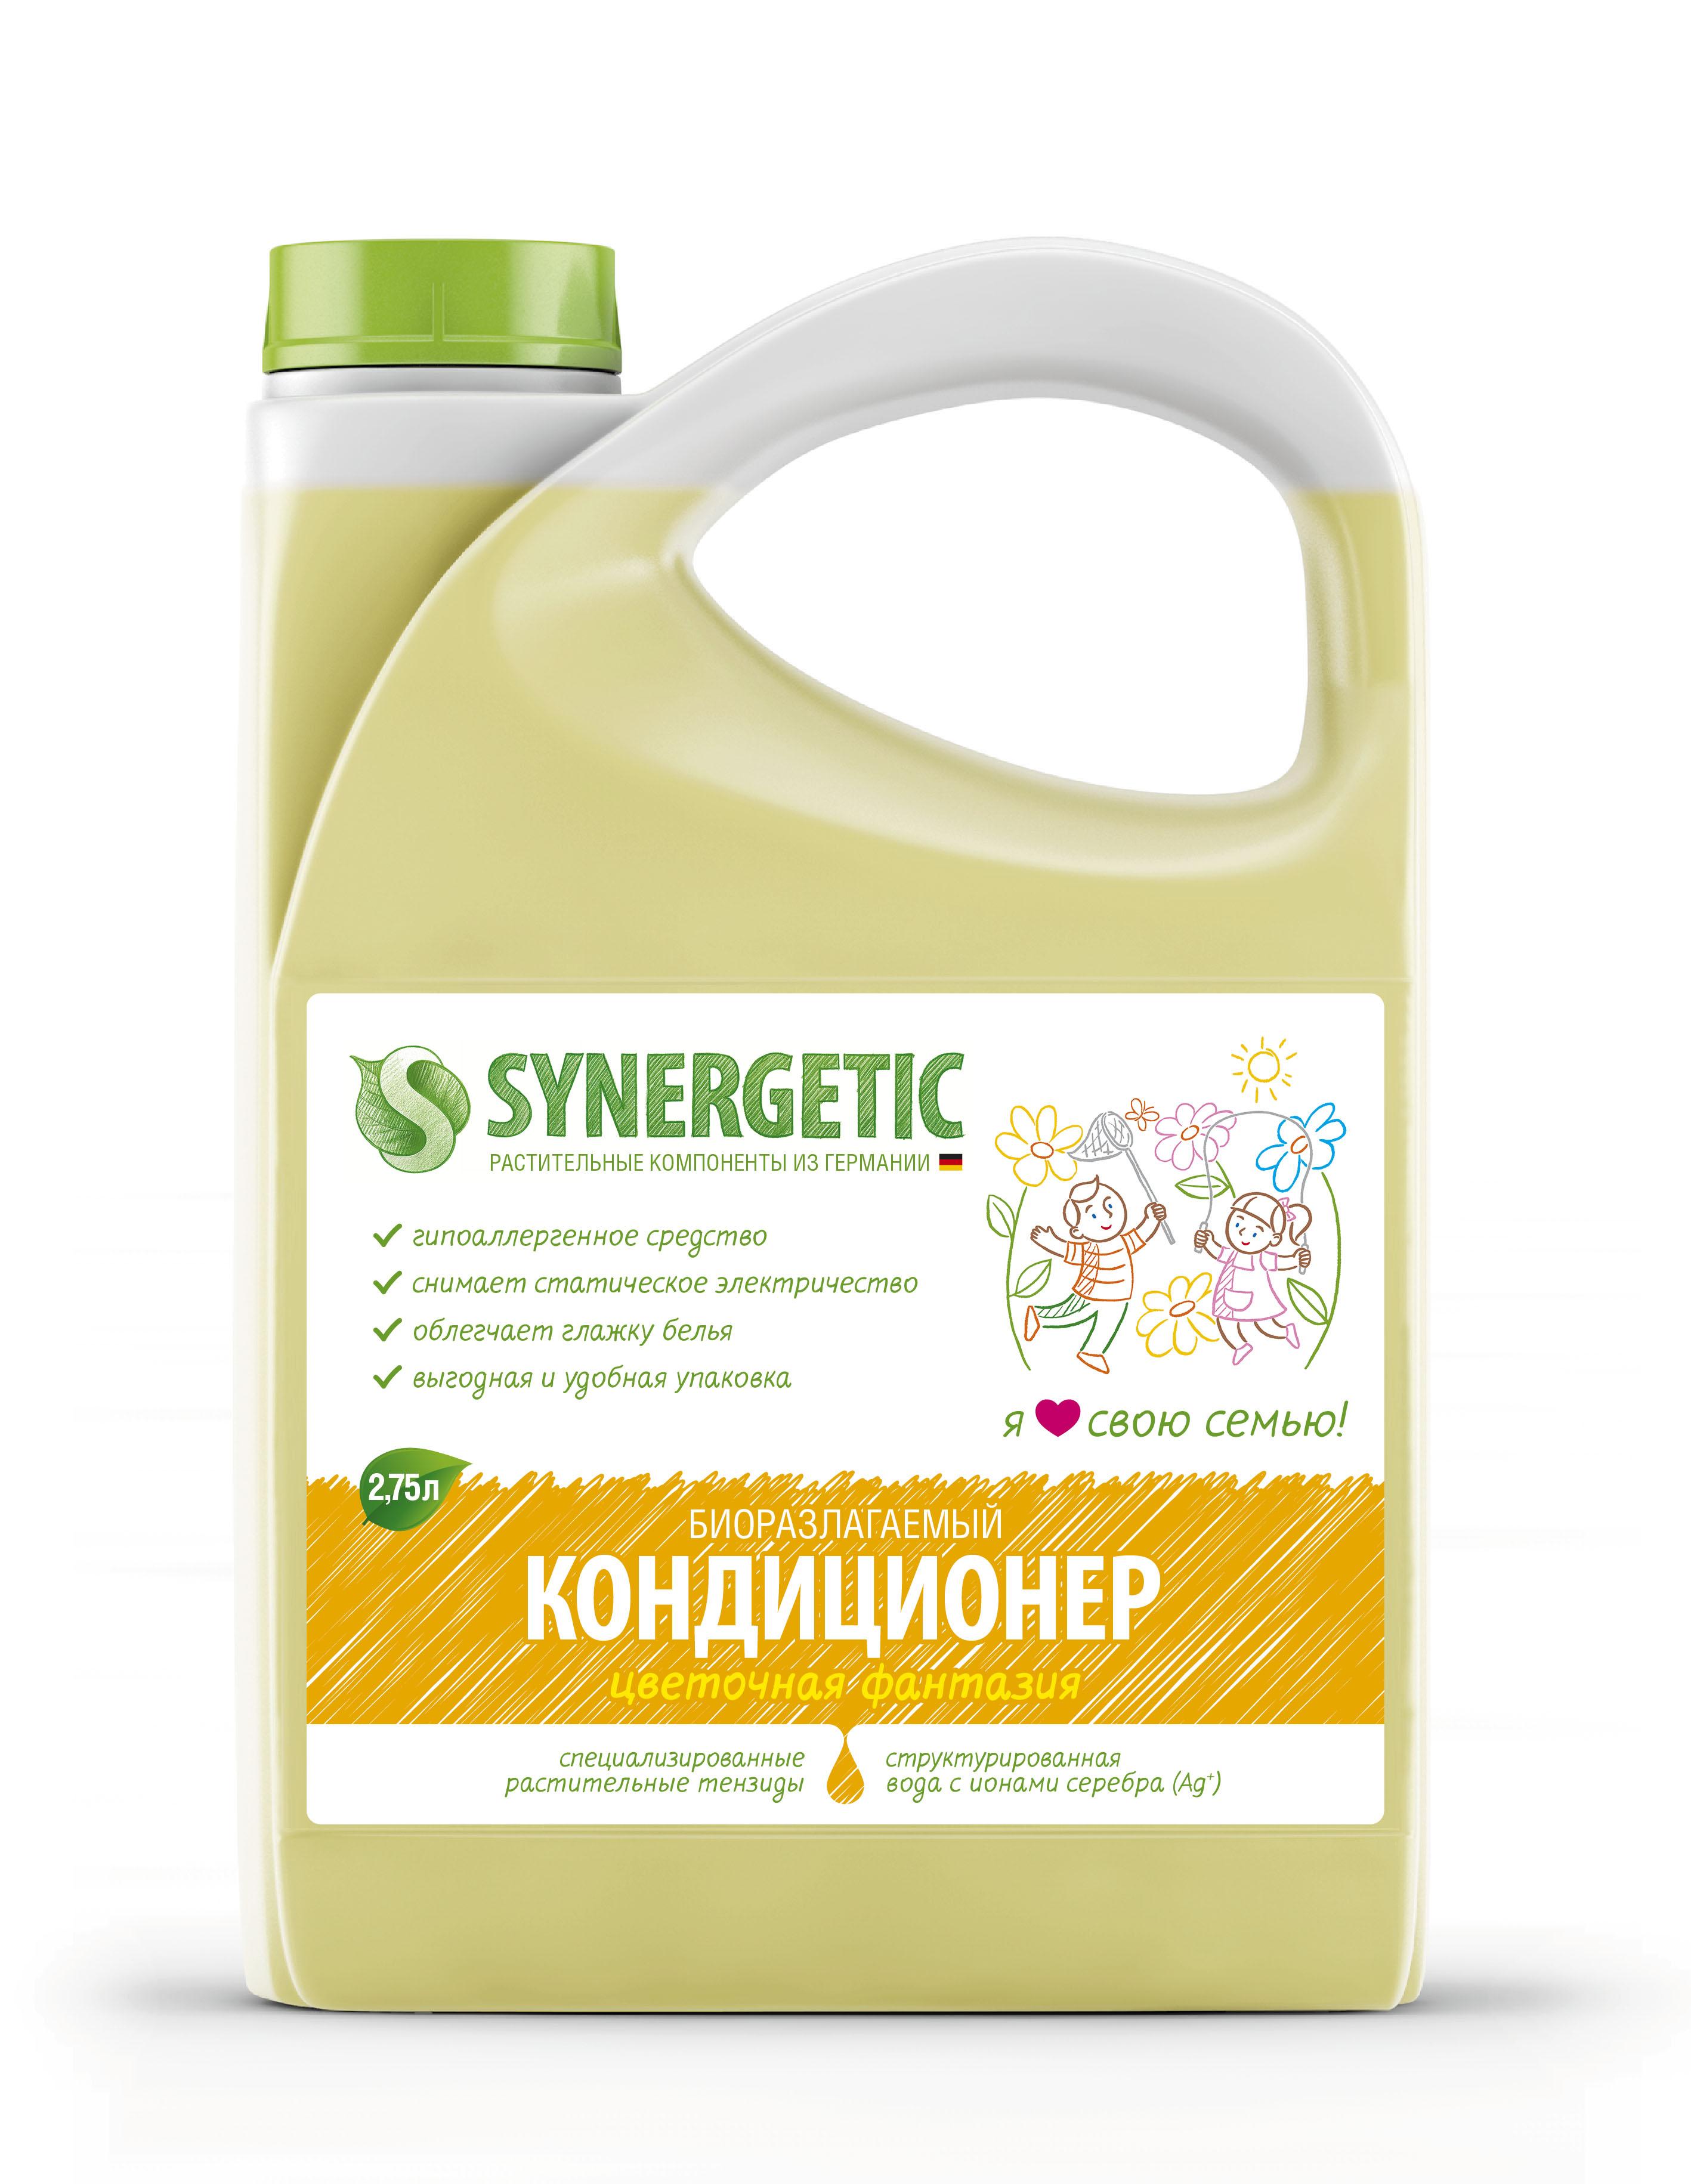 Купить Бытовая химия, Цветочная фантазия, Synergetic, Россия, салатовый